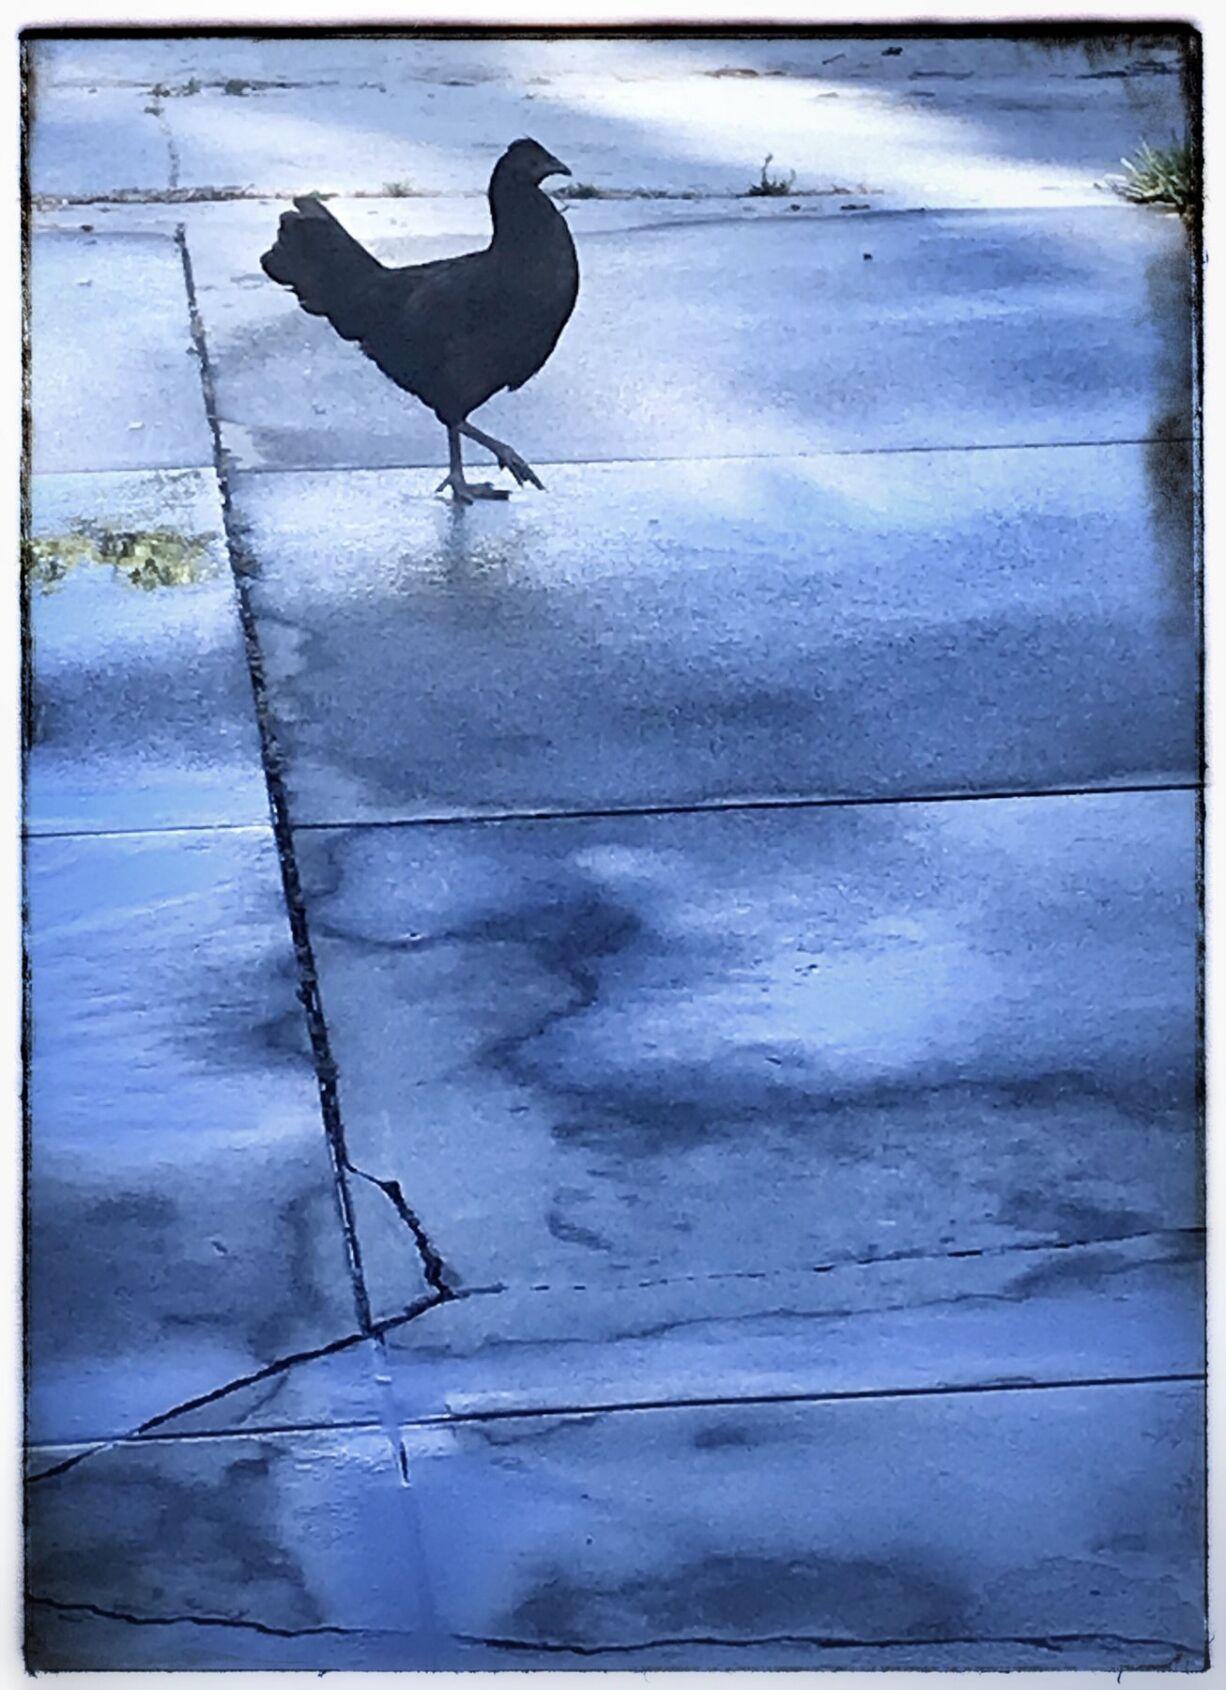 East LA chicken